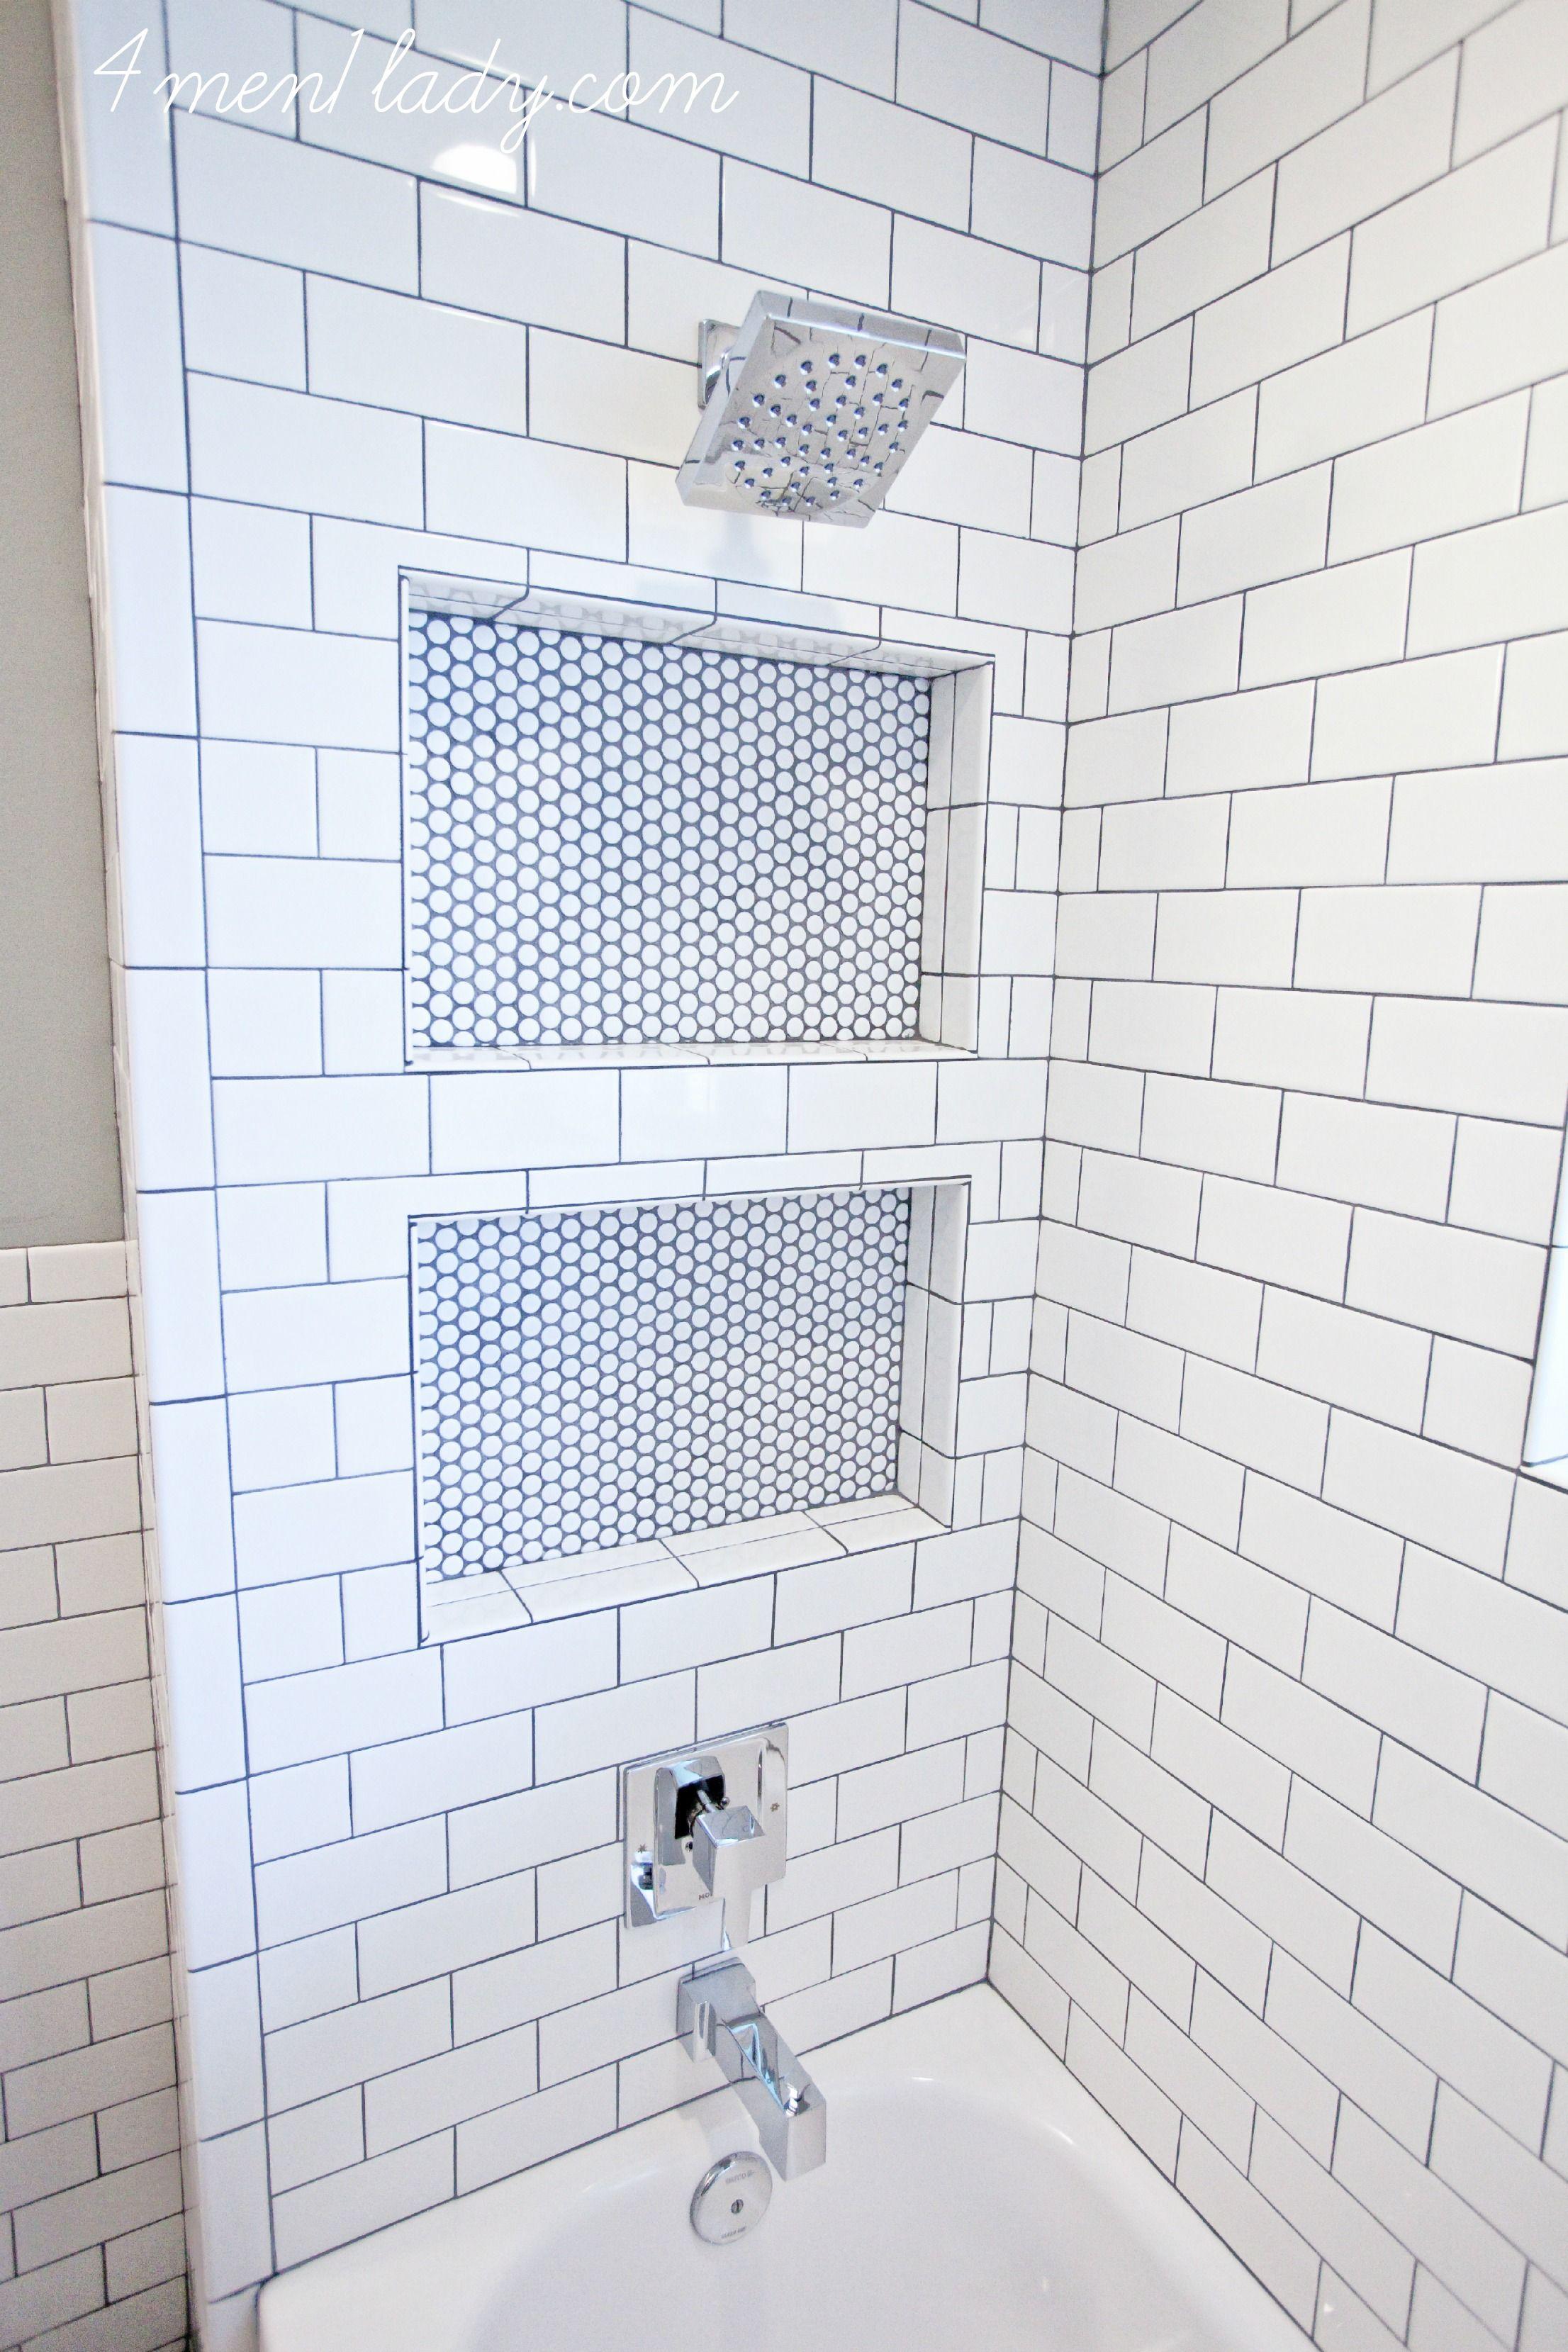 Shower cubies under shower head